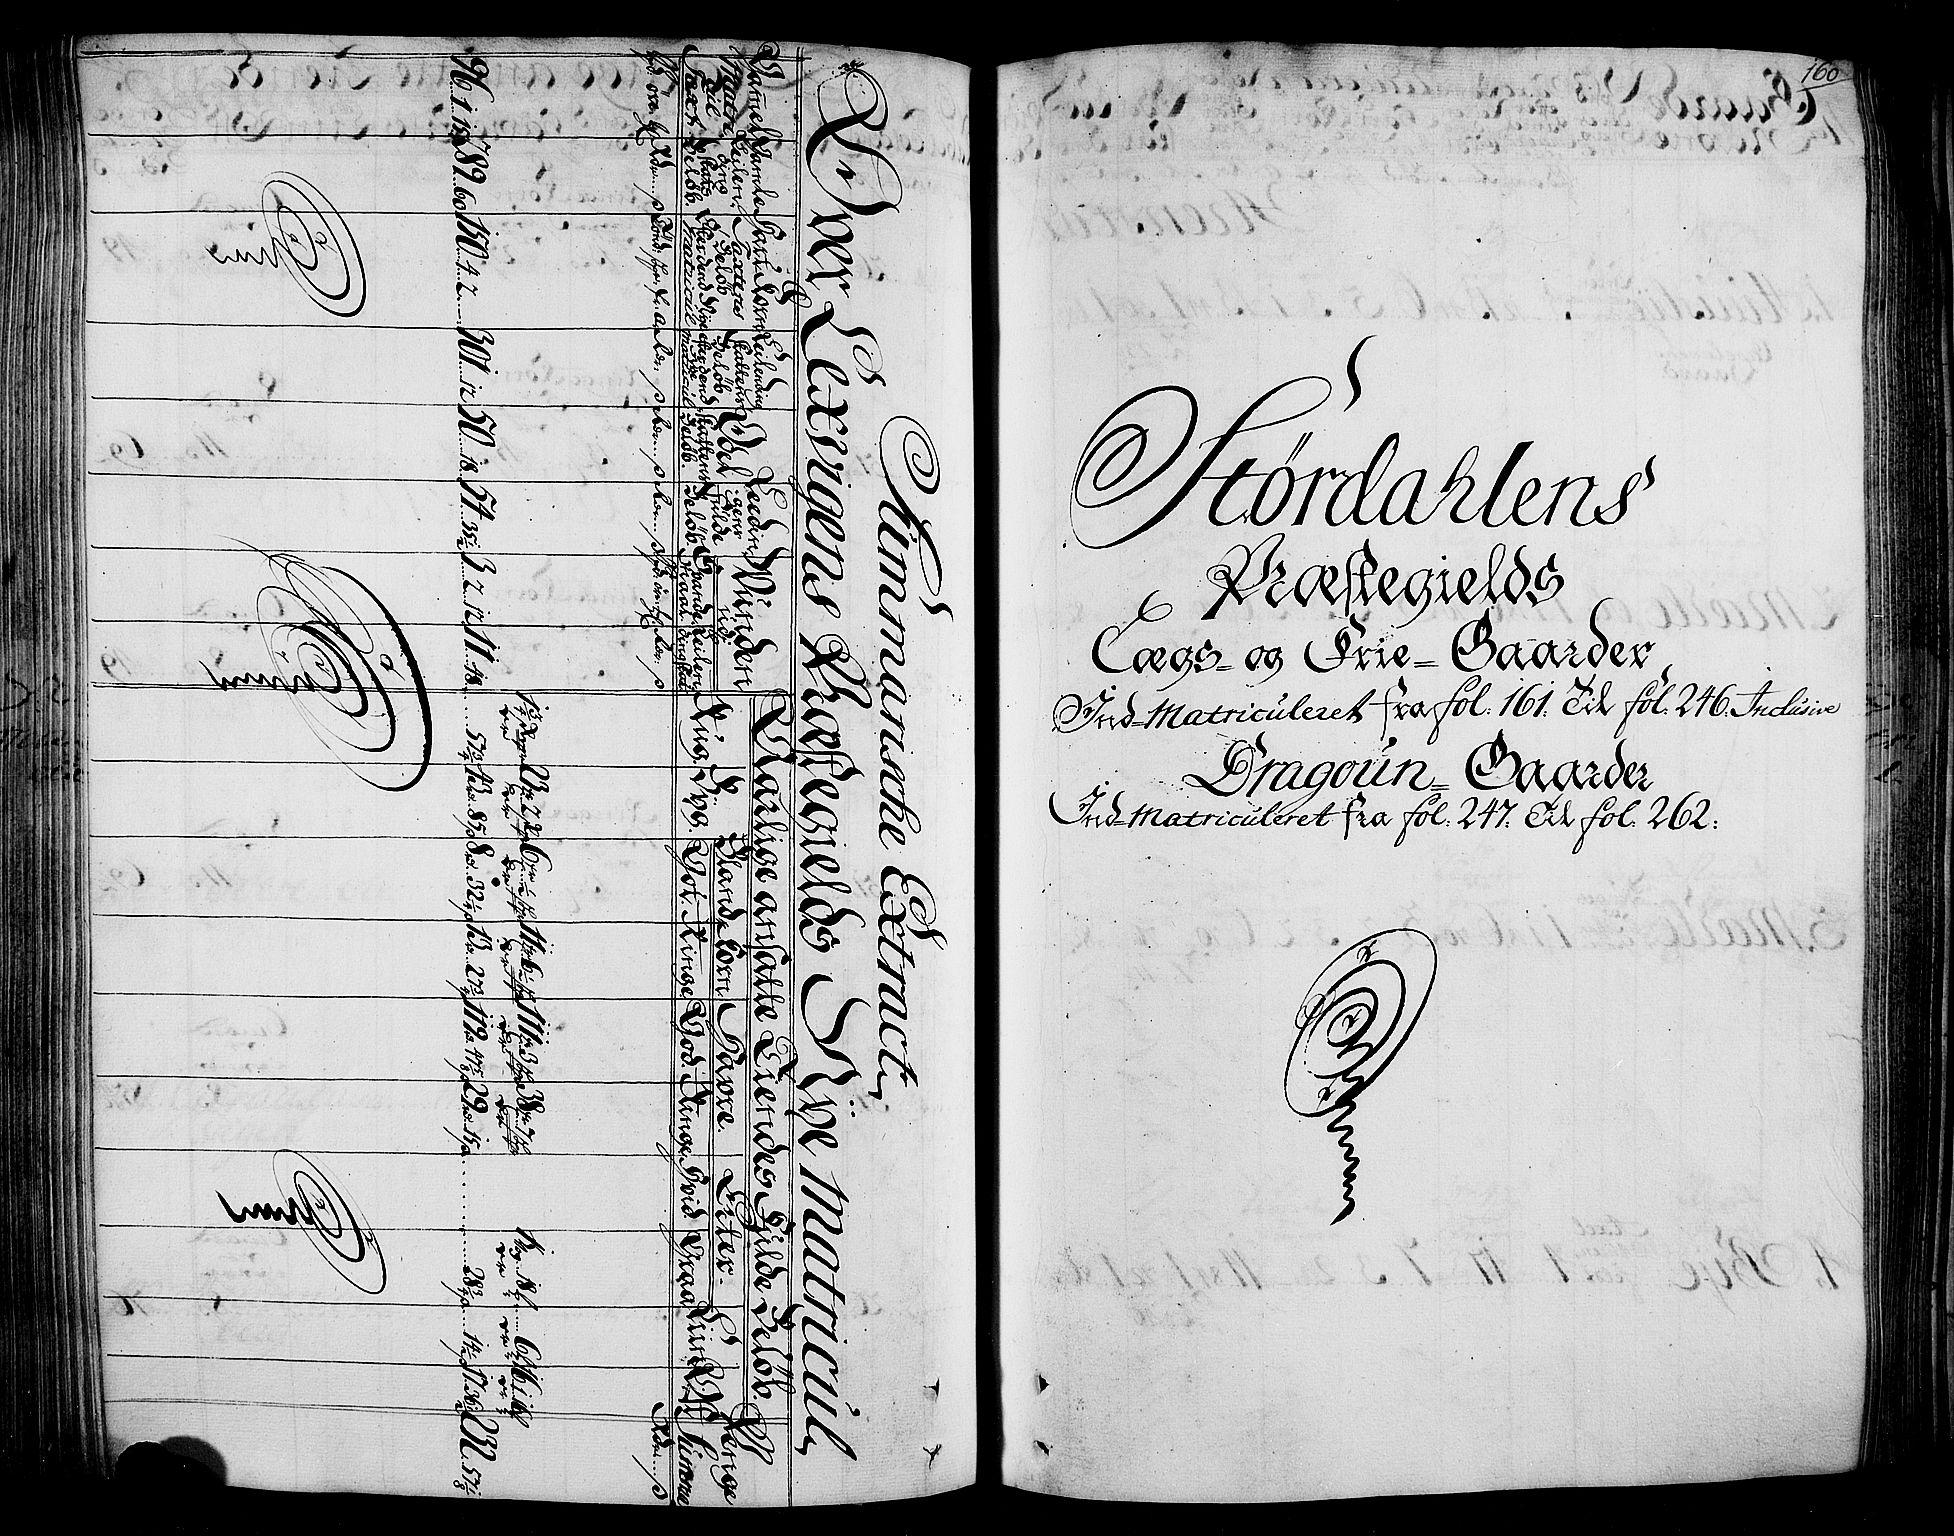 RA, Rentekammeret inntil 1814, Realistisk ordnet avdeling, N/Nb/Nbf/L0165: Stjørdal og Verdal matrikkelprotokoll, 1723, s. 159b-160a